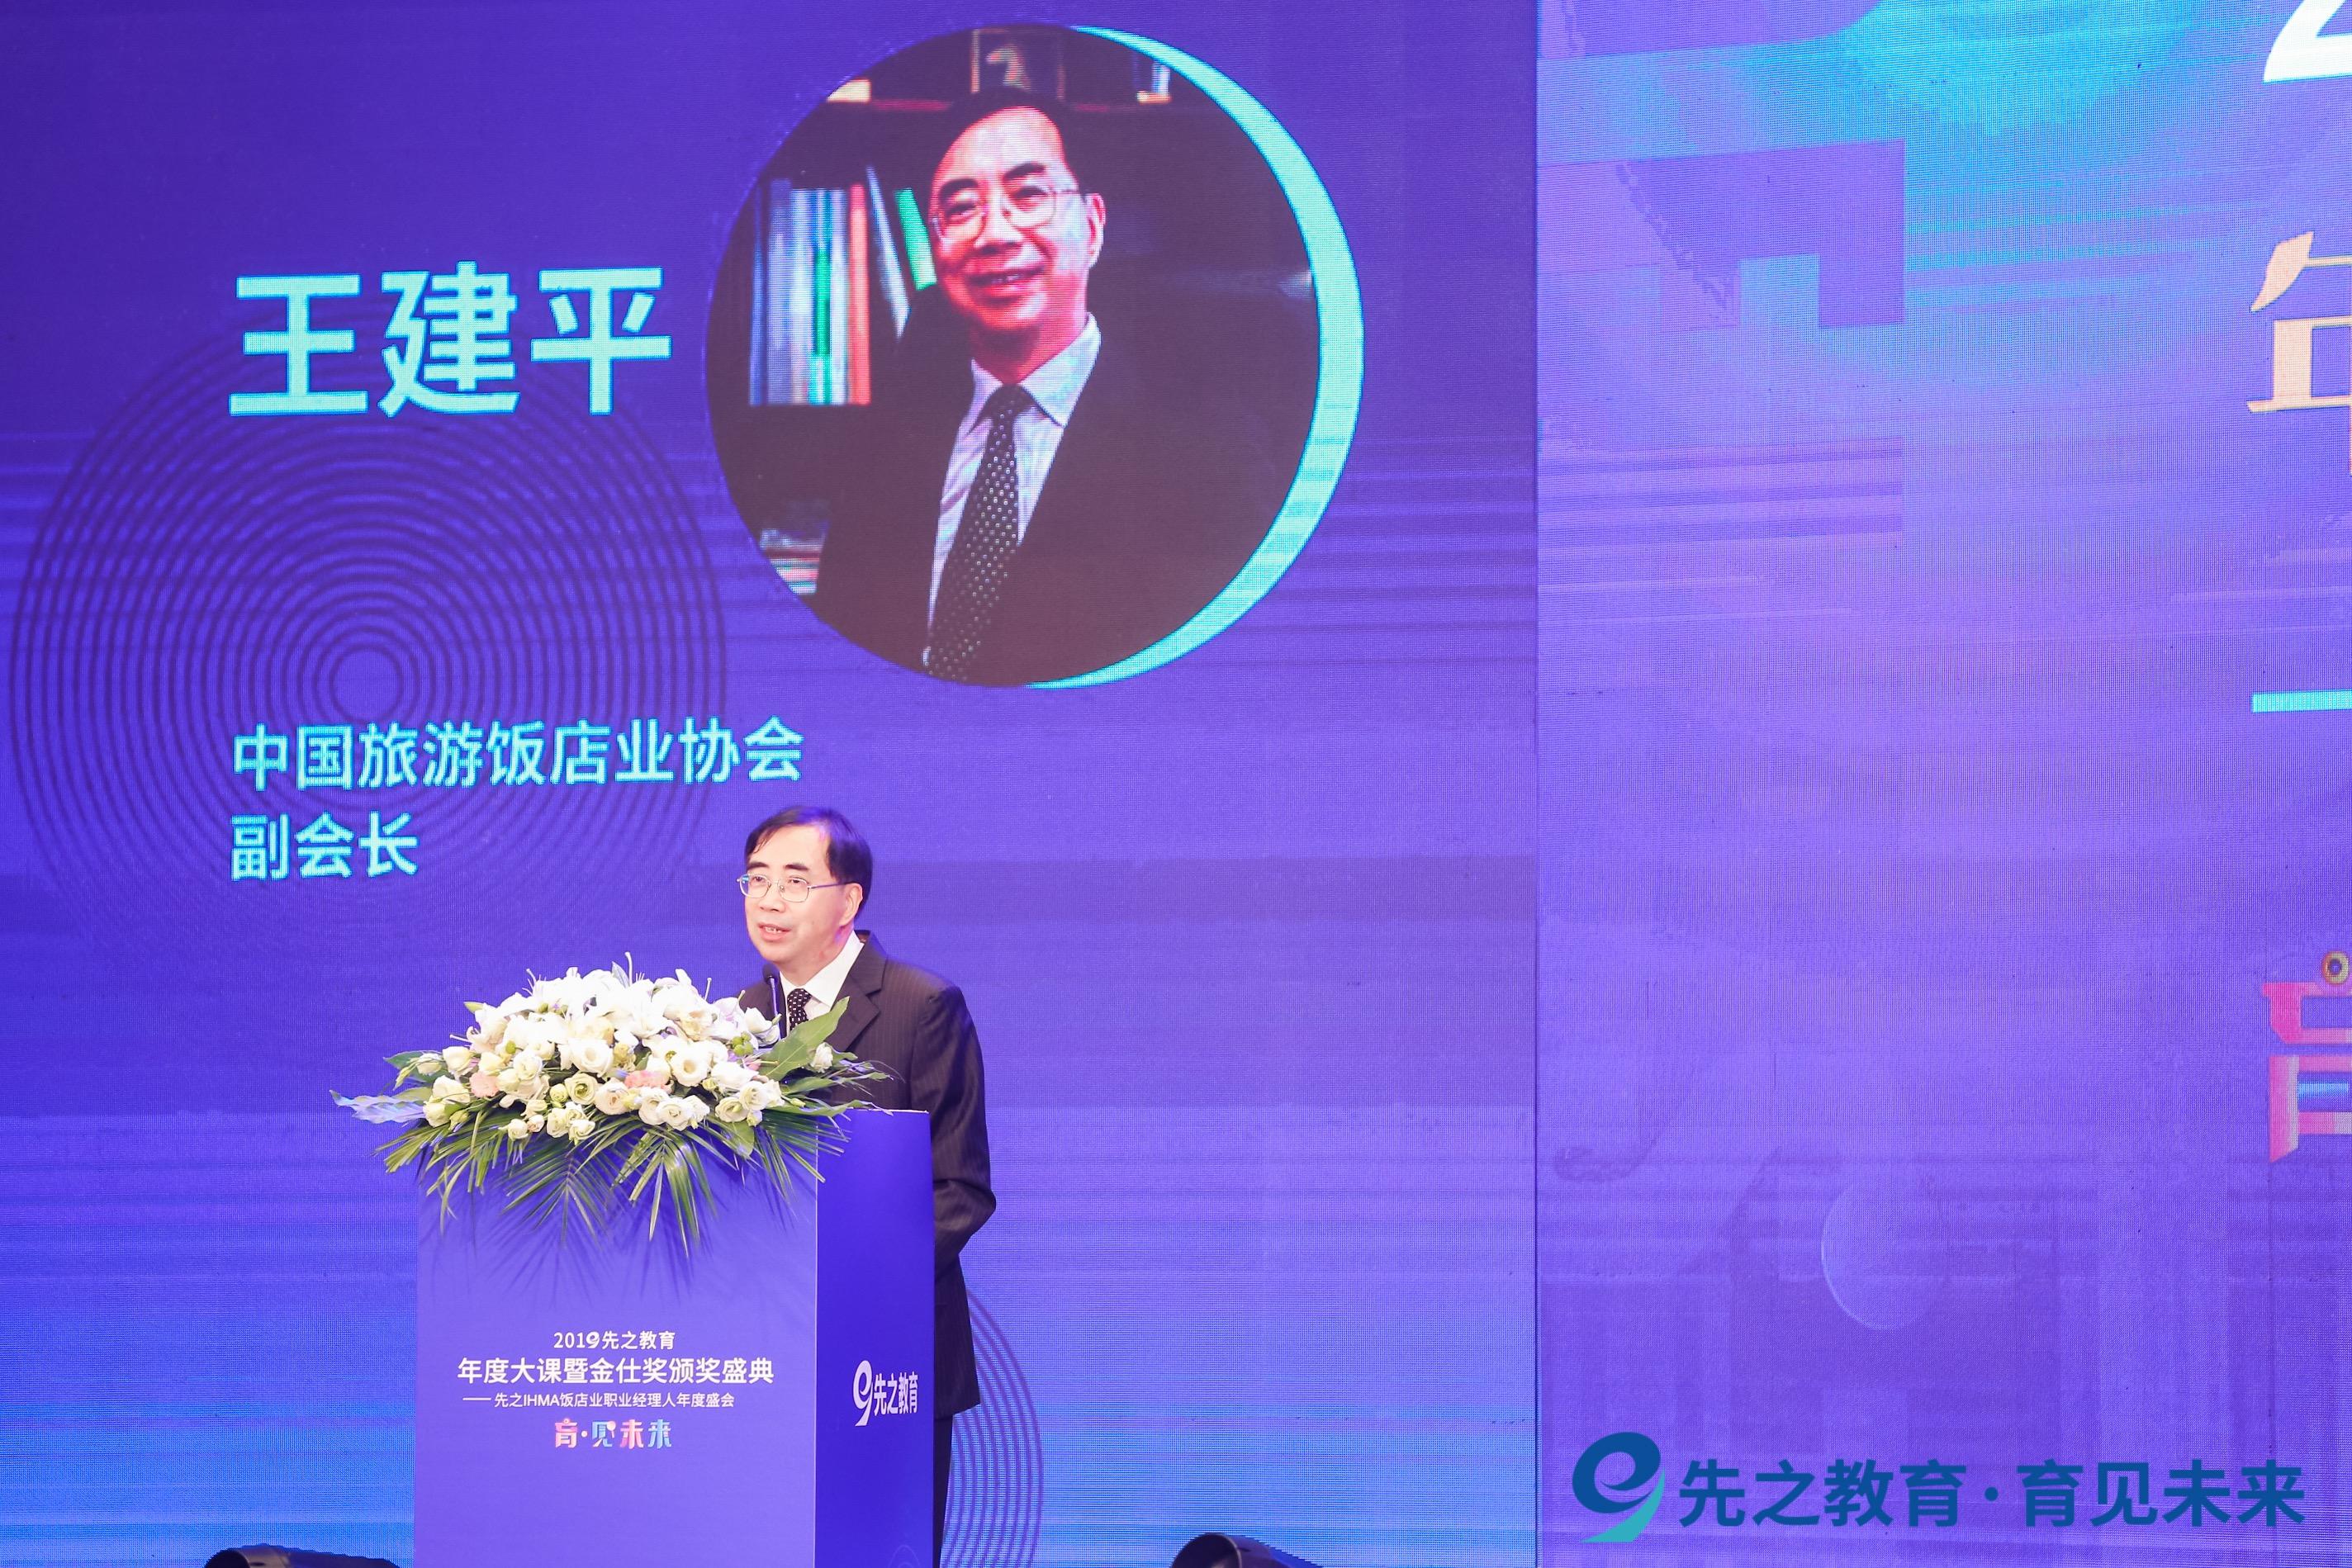 浙江省饭店业协会会长王建平:改变酒店业的三个趋势背后 最关键的是人